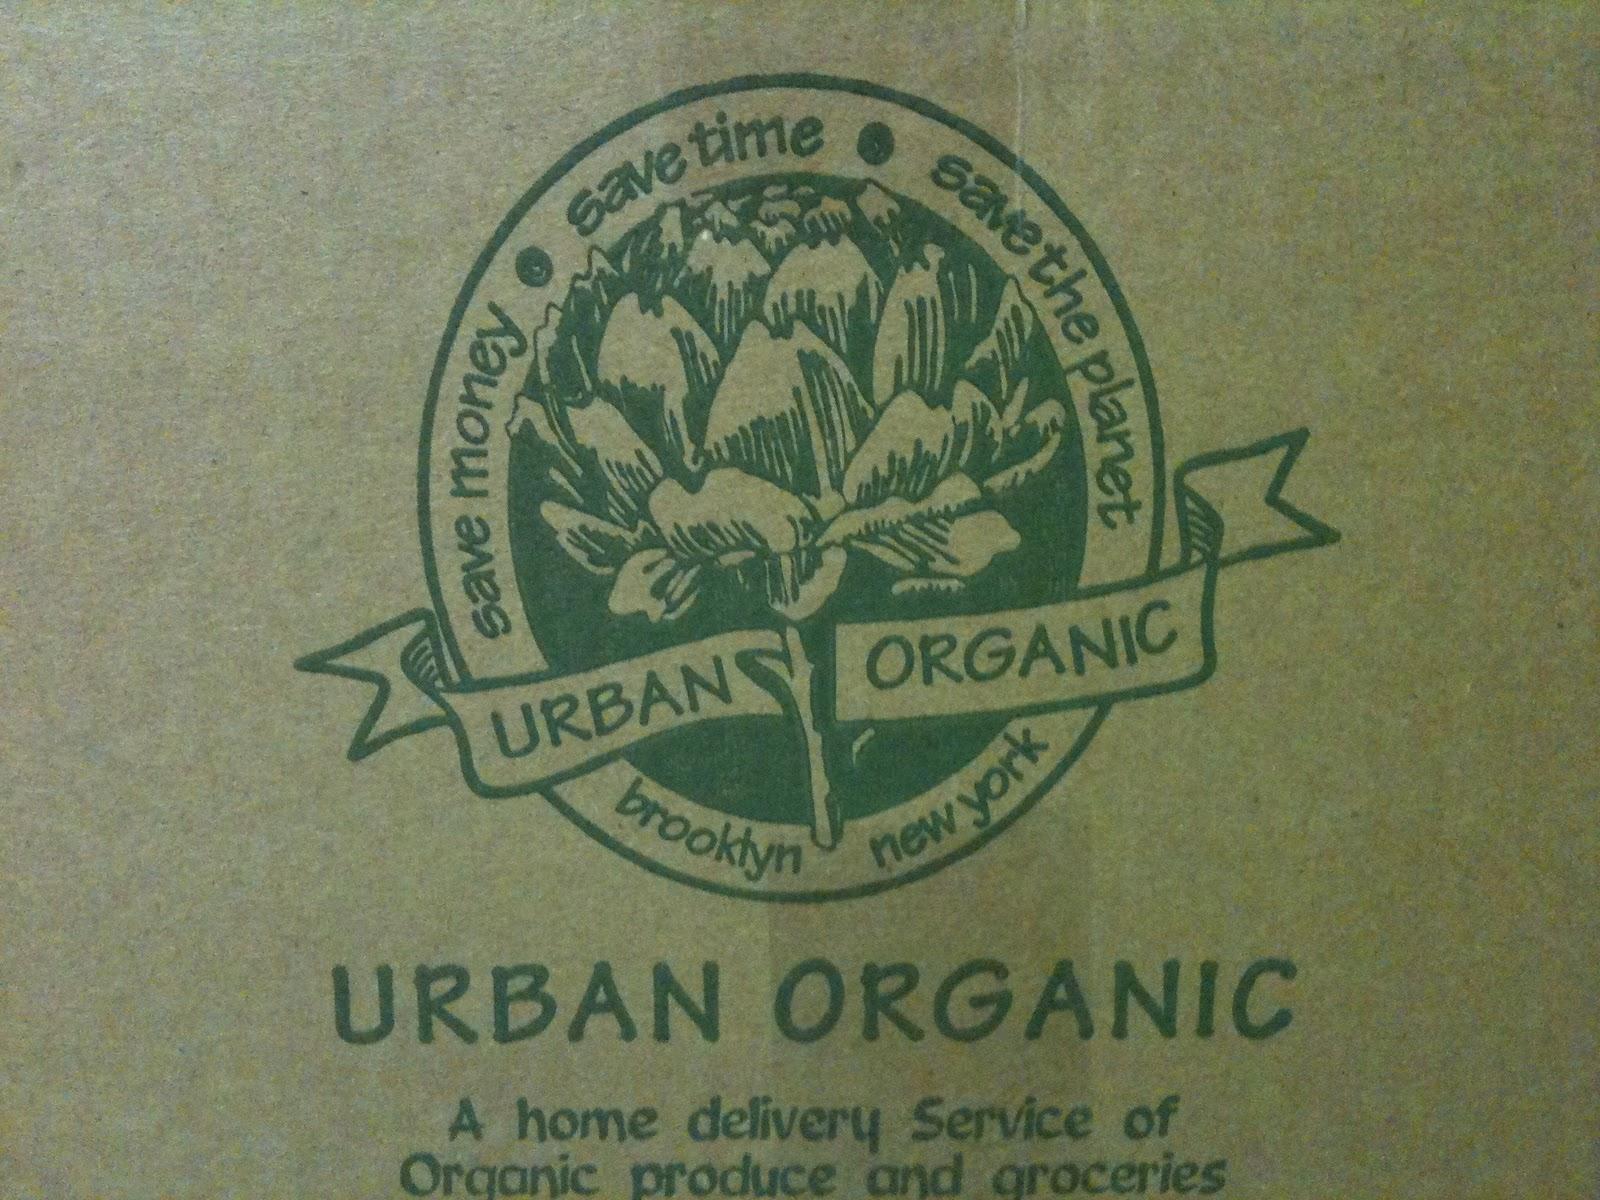 NJ Paleo Girl: Urban Organic—the best kept secret!